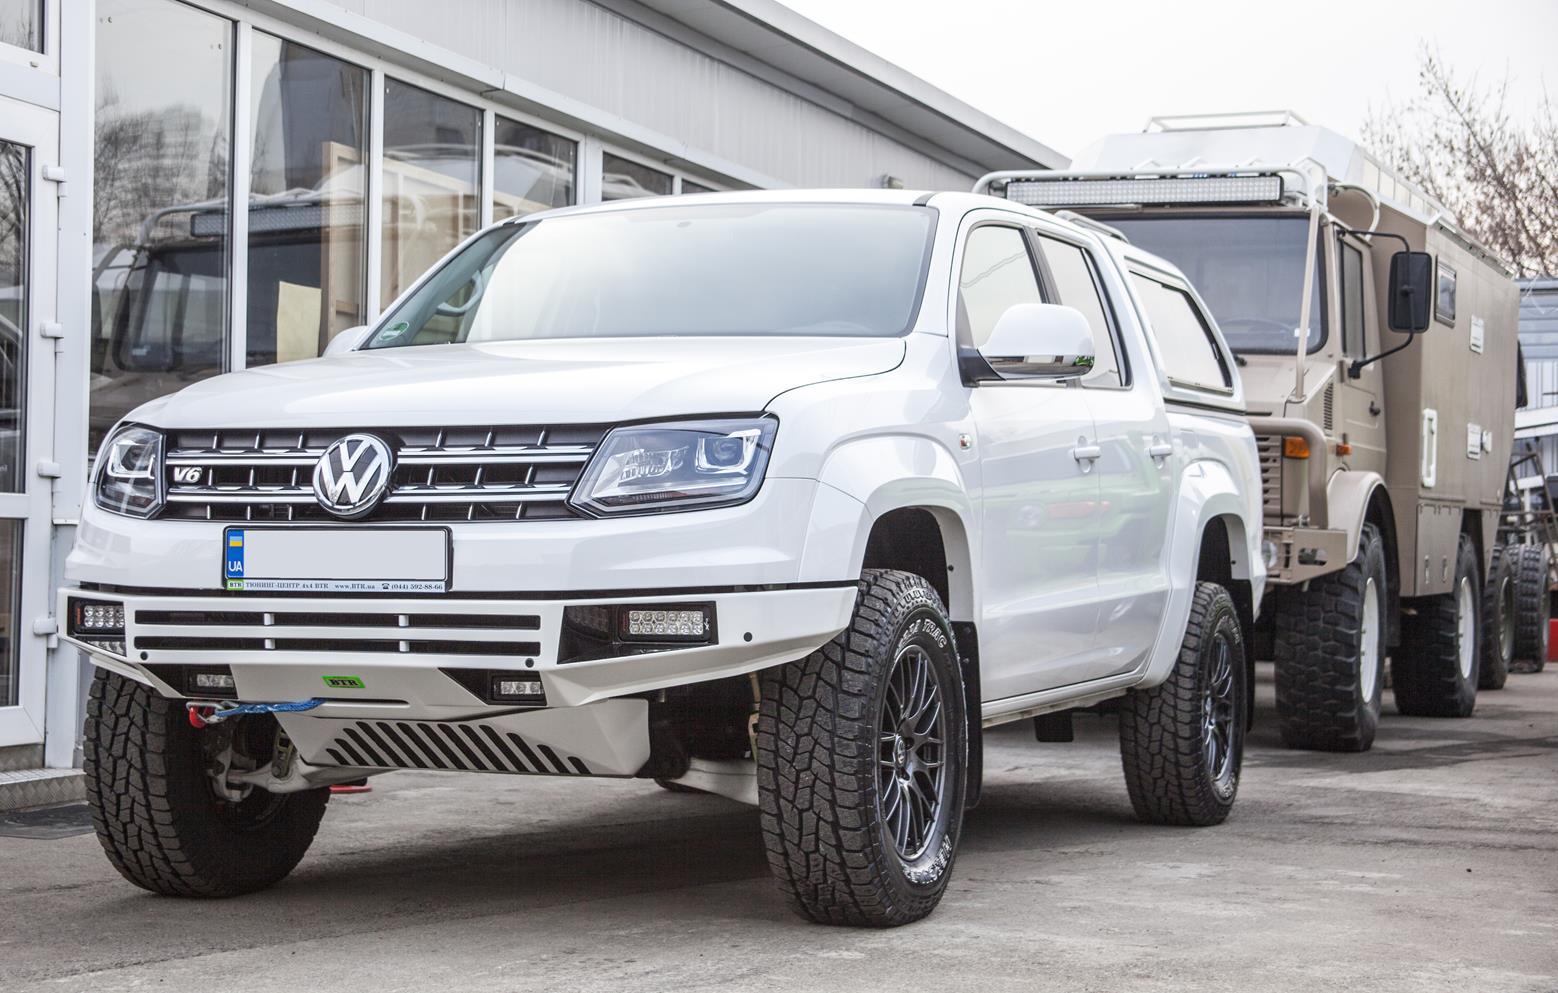 Volkswagen Amarok 2017 V6 Tuning 2